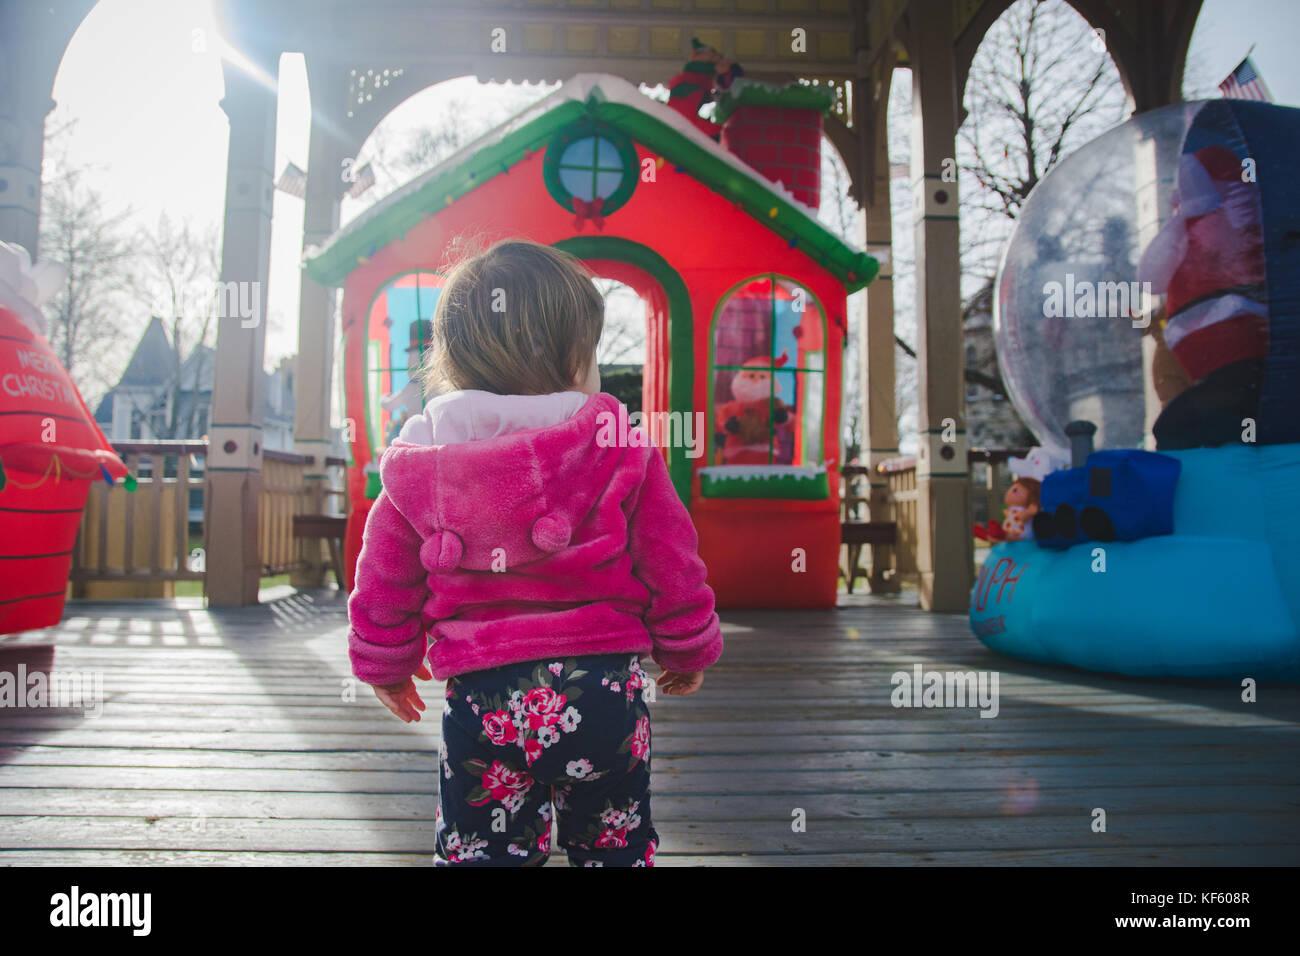 Kleinkind auf dem Weg zum Weihnachtsfest oder Urlaub zeigt. Stockbild